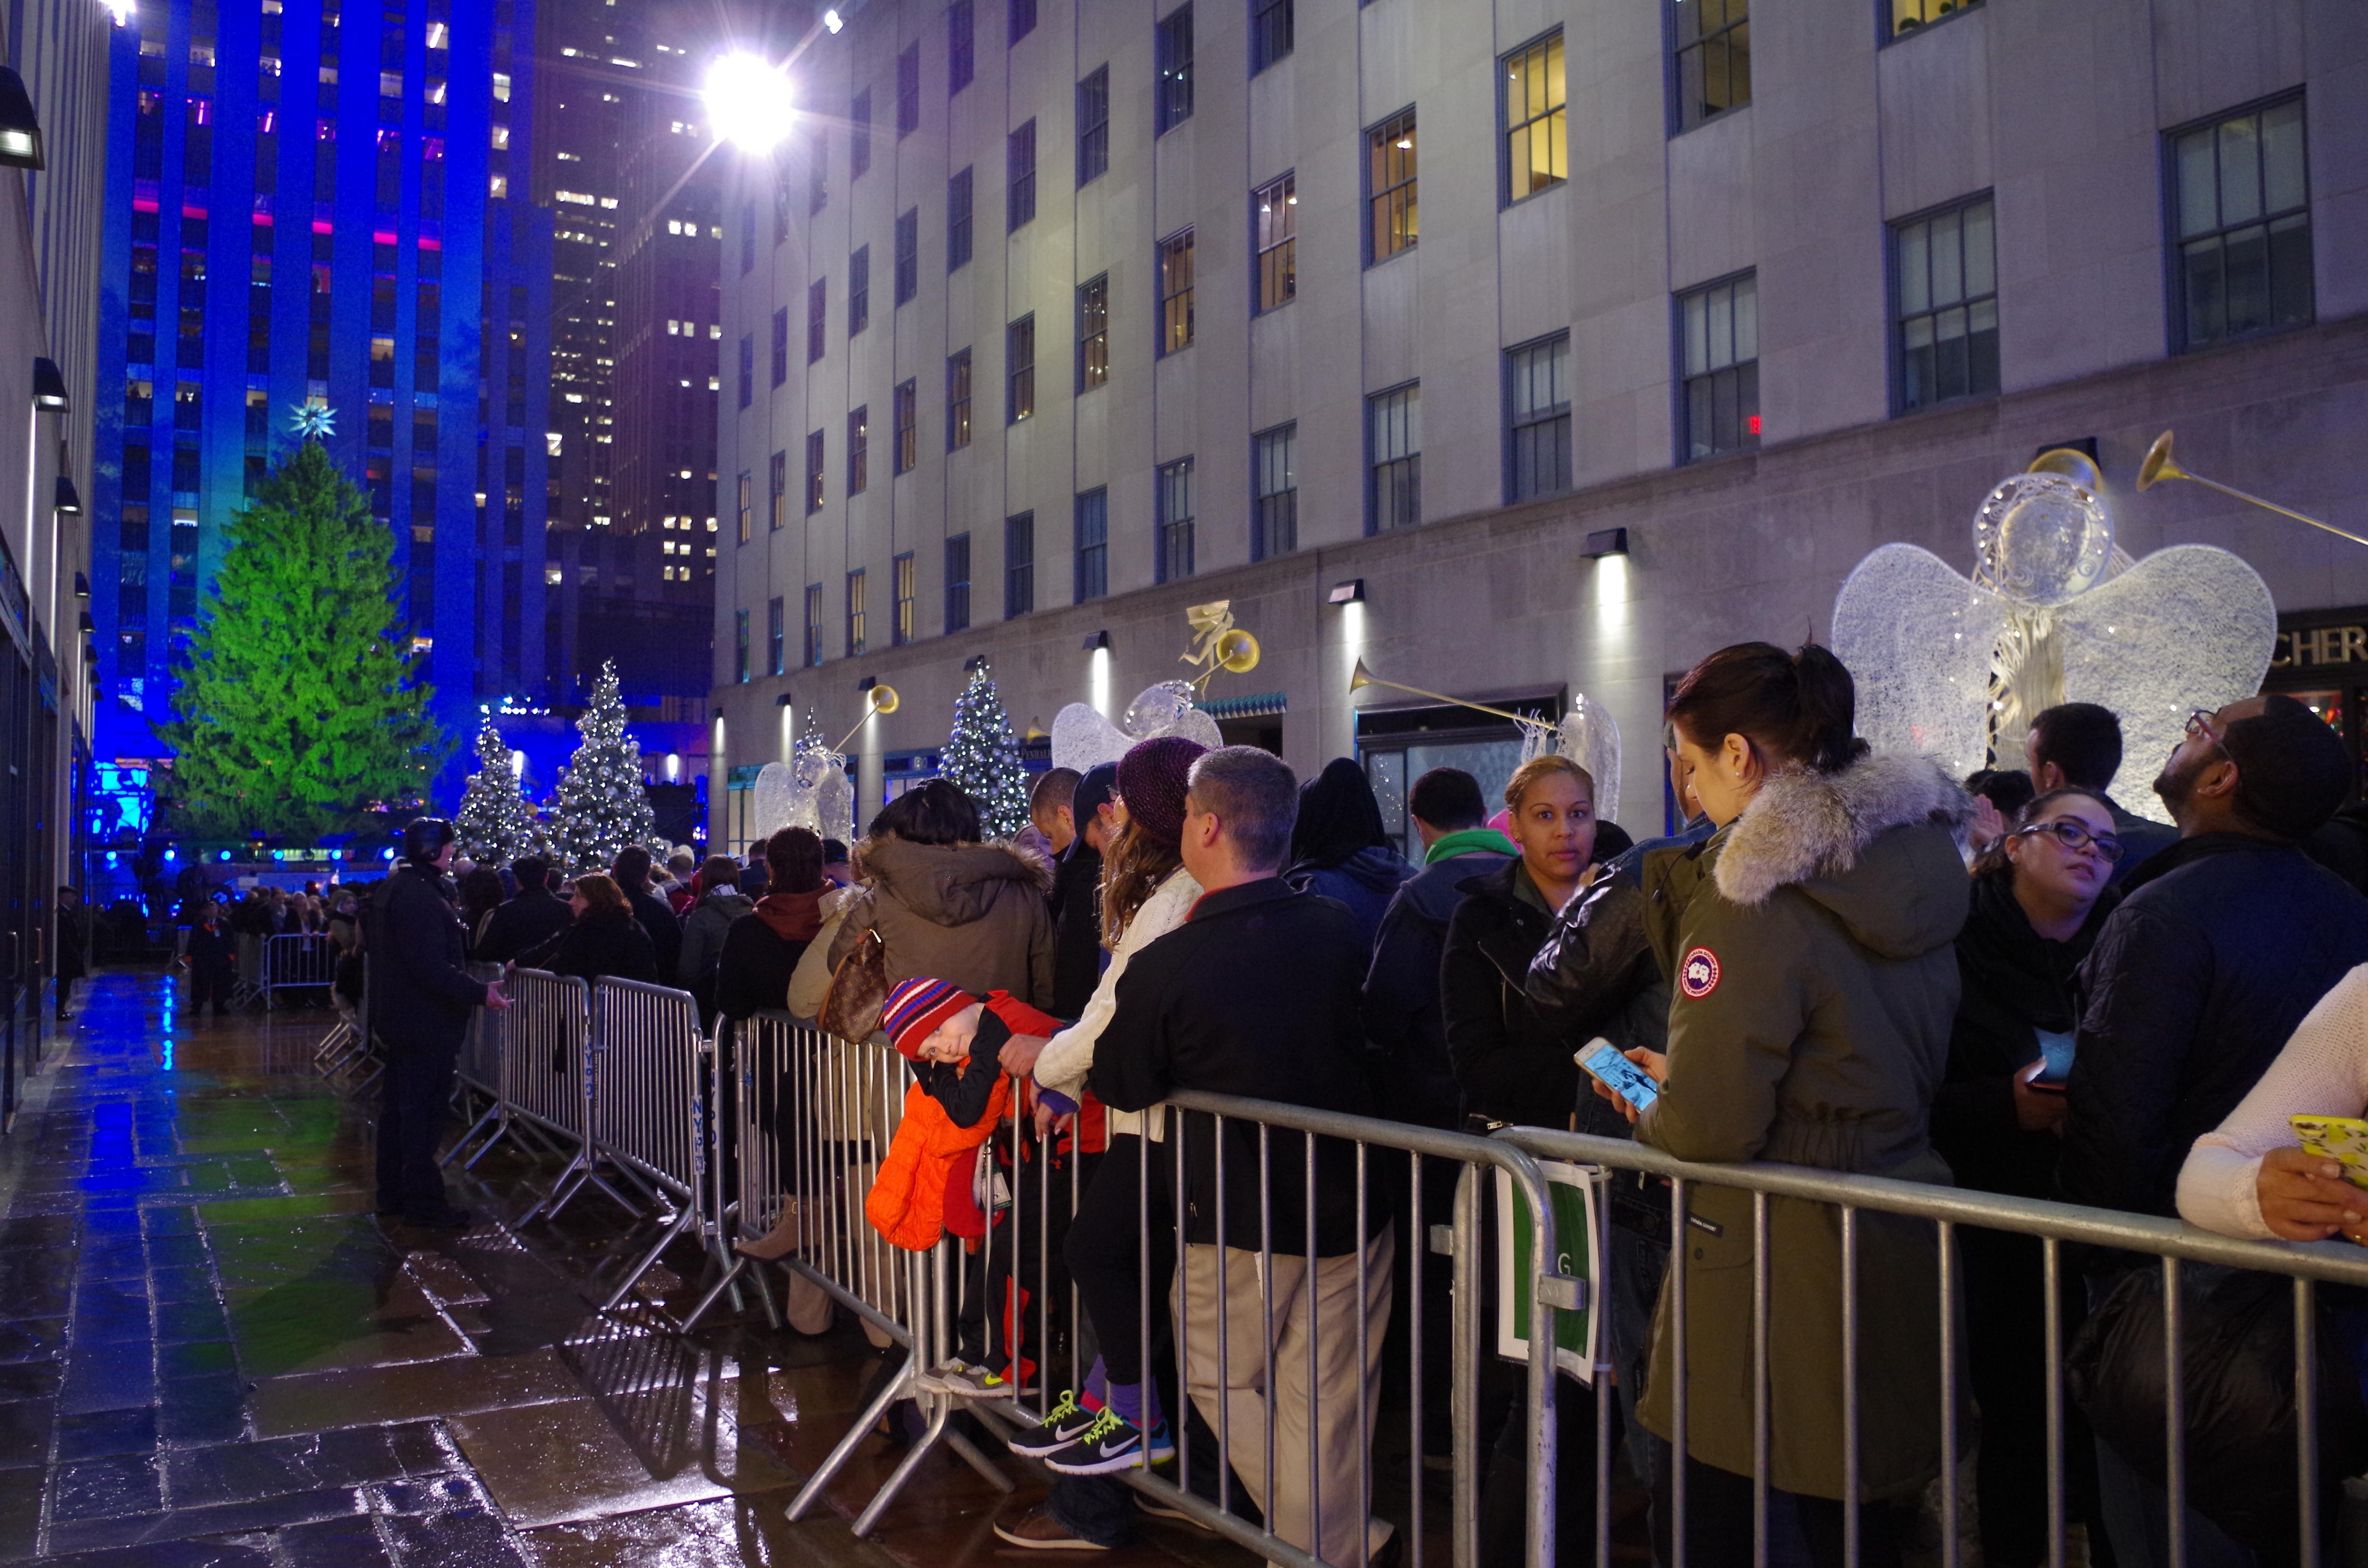 紐約洛克斐勒中心聖誕節點燈,小雨澆不熄民眾的熱情。(記者金春香/攝影)